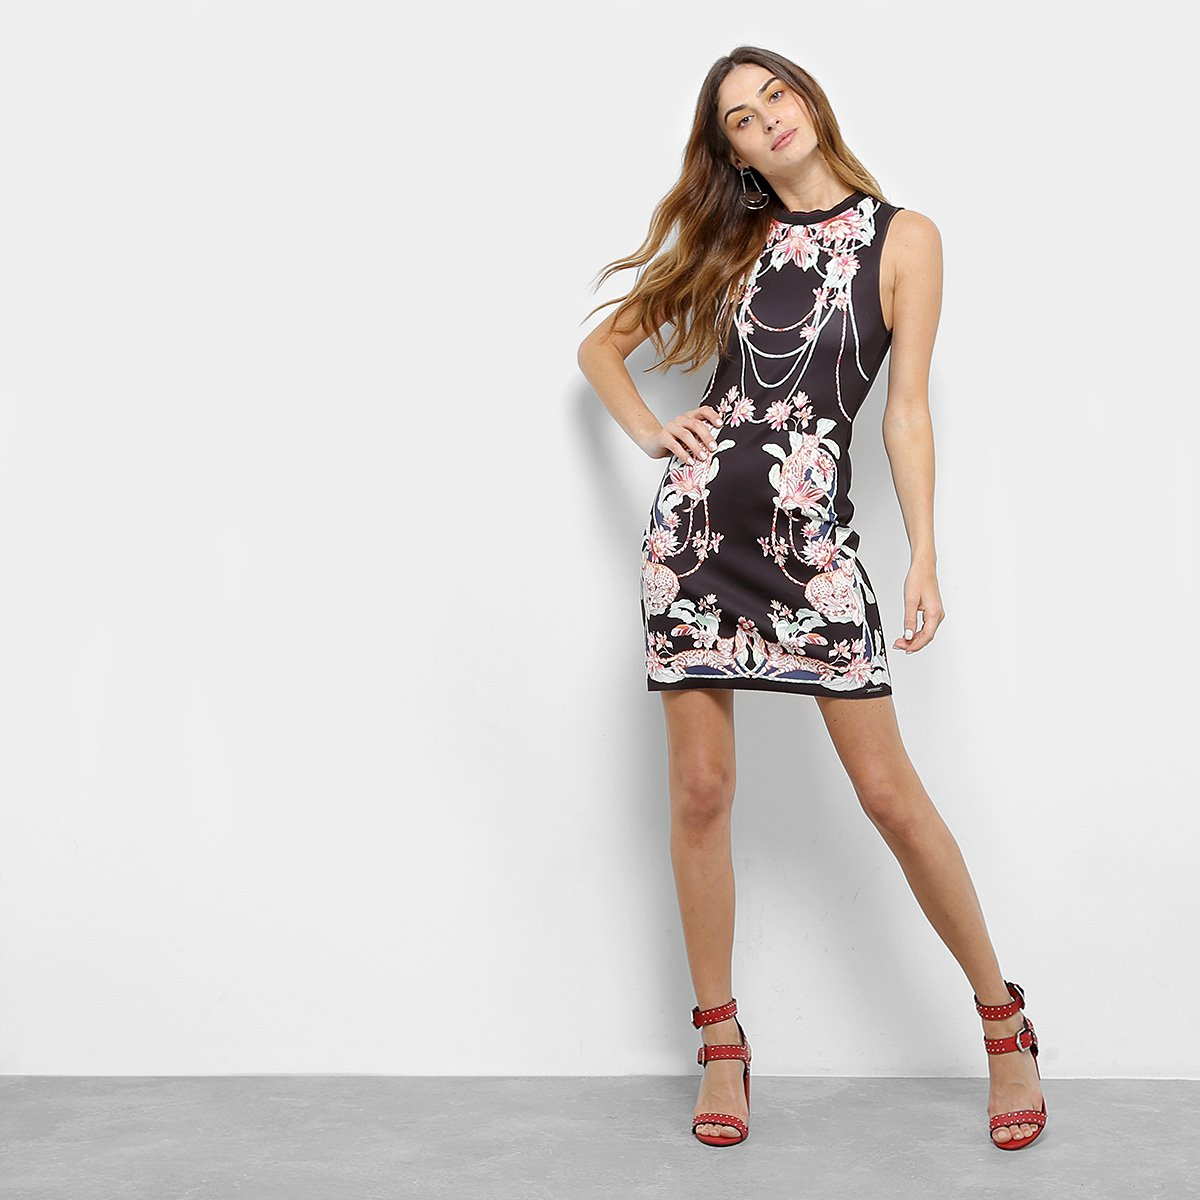 eeedf7809 Vestido Colcci Curto Tubinho Estampa Floral - Compre Agora | Zattini